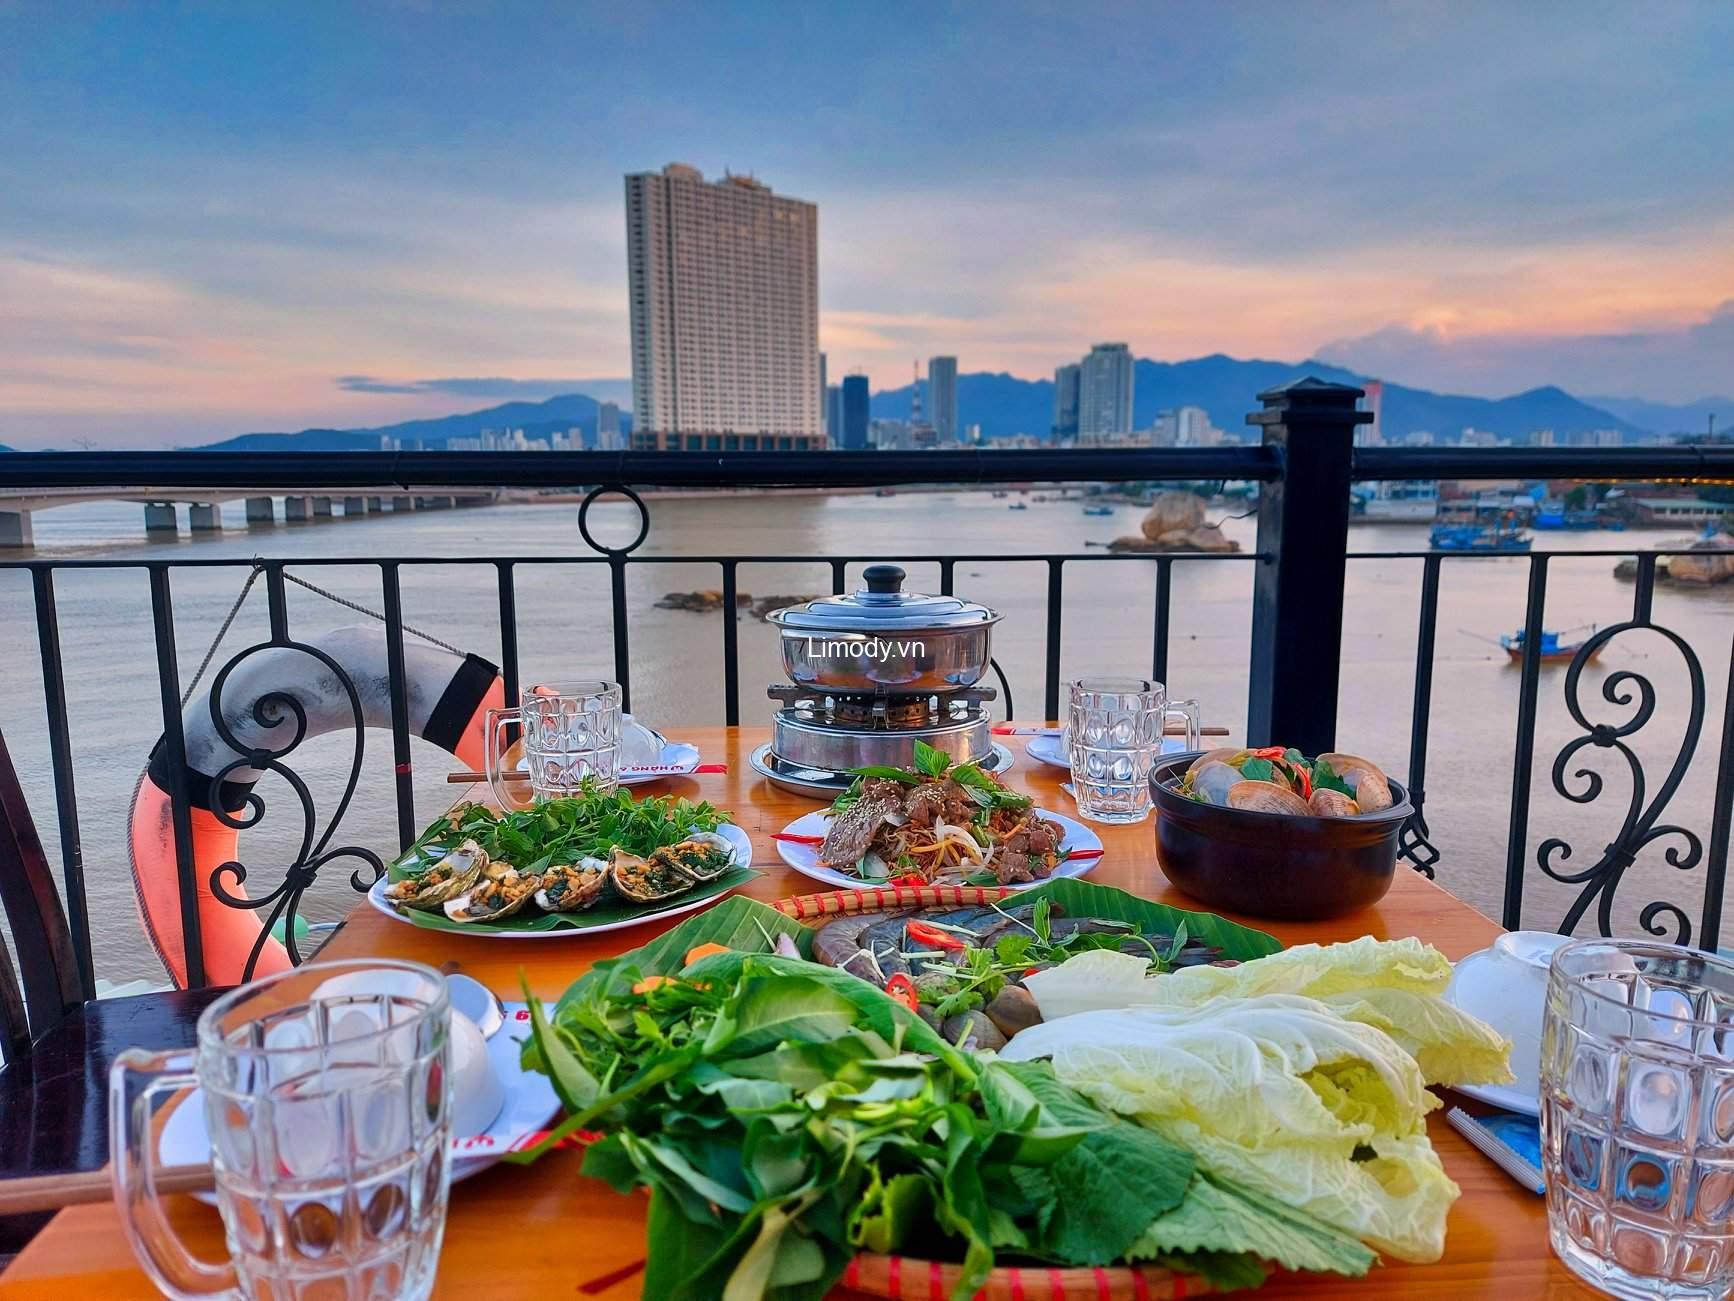 Ăn gì ở Nha Trang? 40 Món ngon + nhà hàng quán ăn ngon Nha Trang